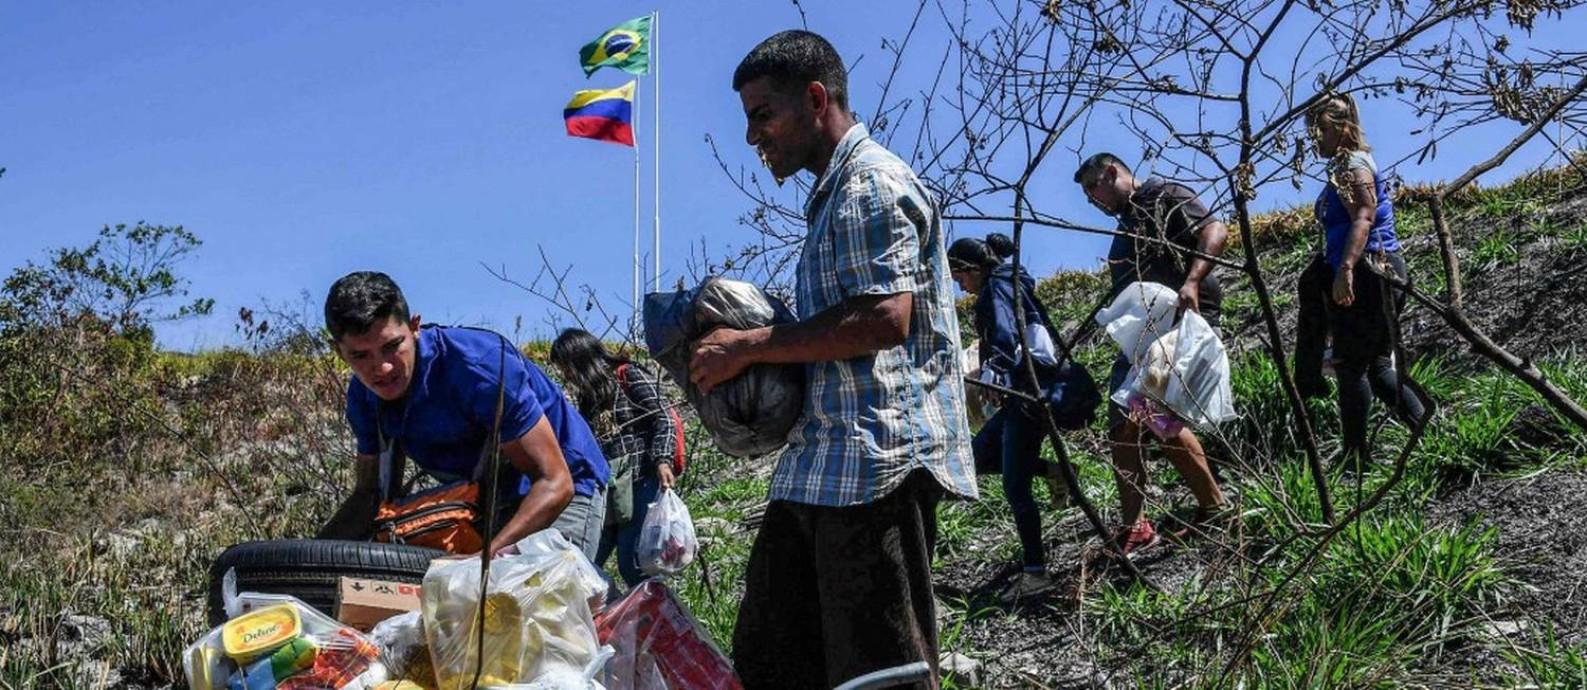 Venezuelanos enchem carrinho de mão com alimentos em Pacaraima para levar de volta ao país: rotas alternativas com a fronteira fechada Foto: NELSON ALMEIDA / AFP